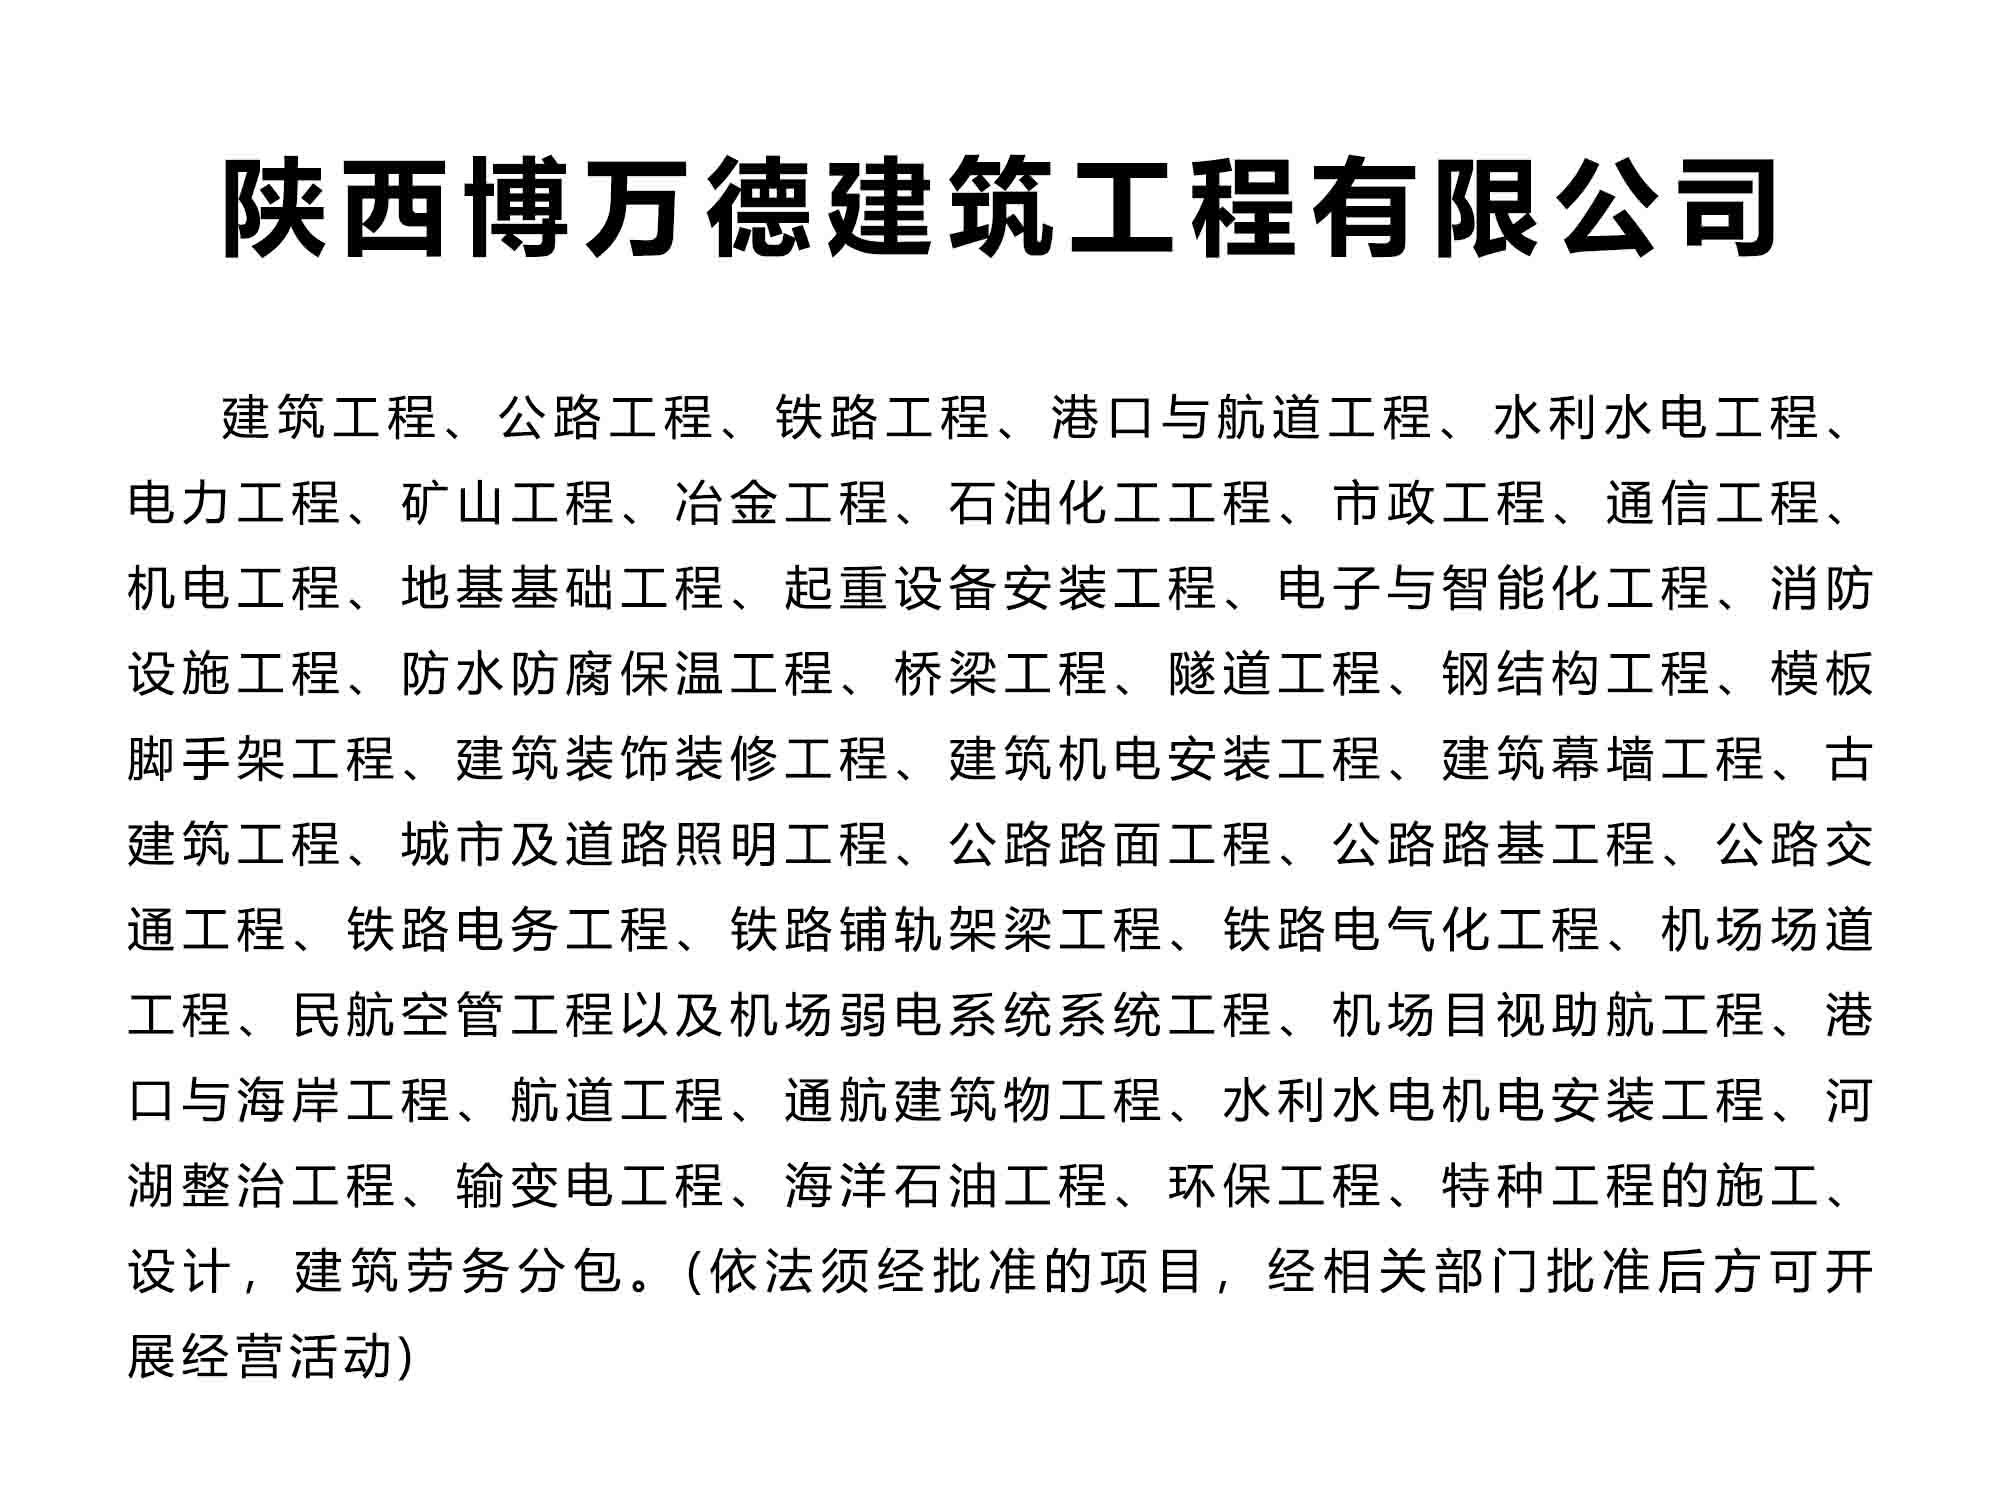 耀杰集团子公司-陕西博万德建筑工程有限公司